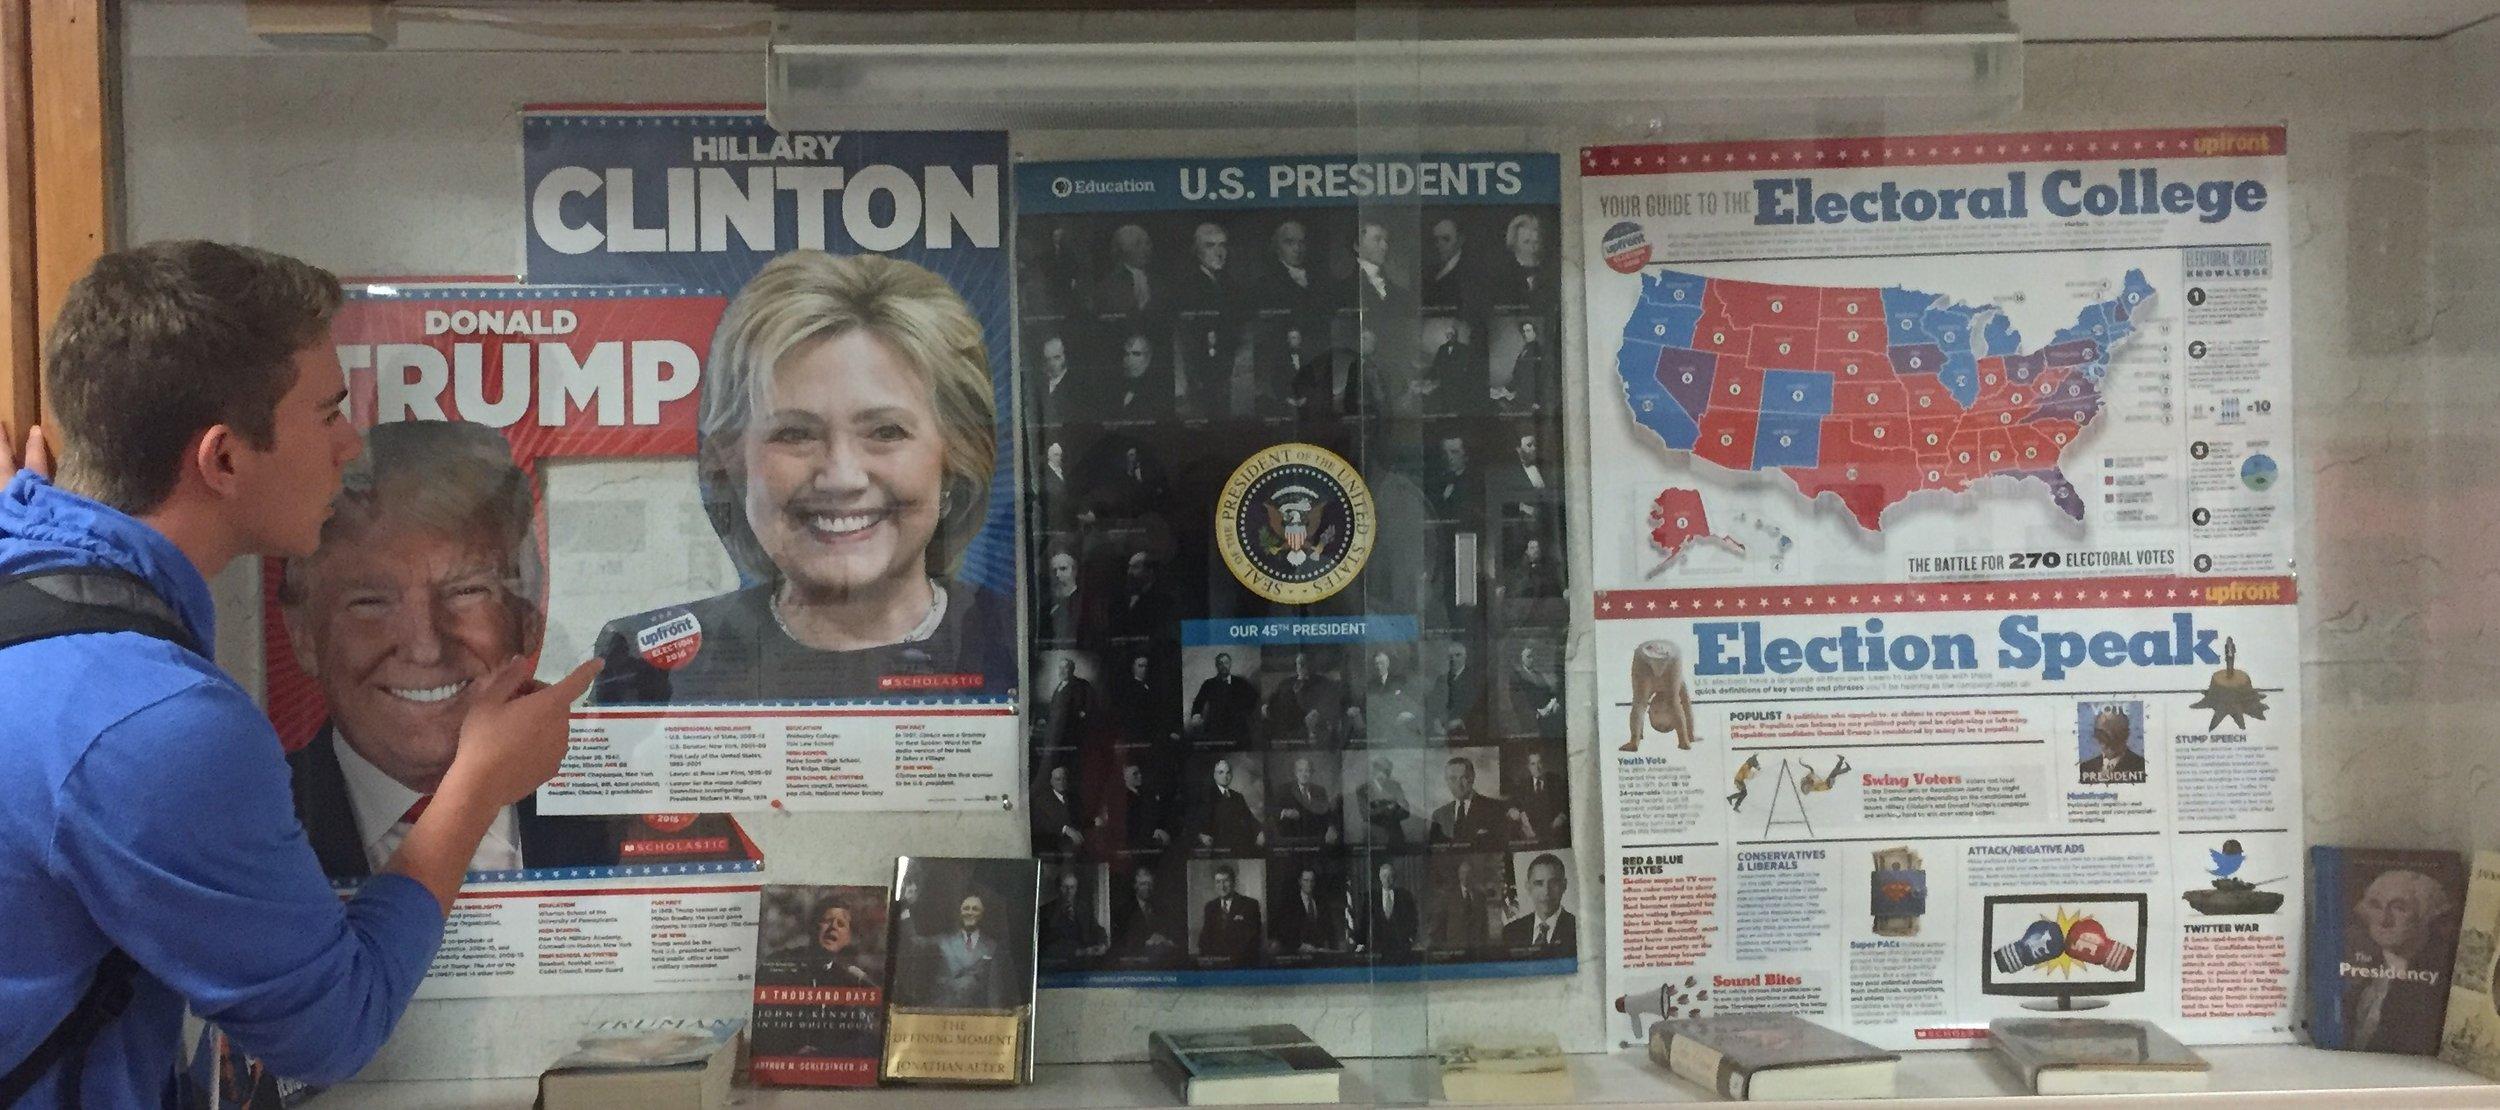 J-D senior Josh Kowalczyk analyzes election posters.